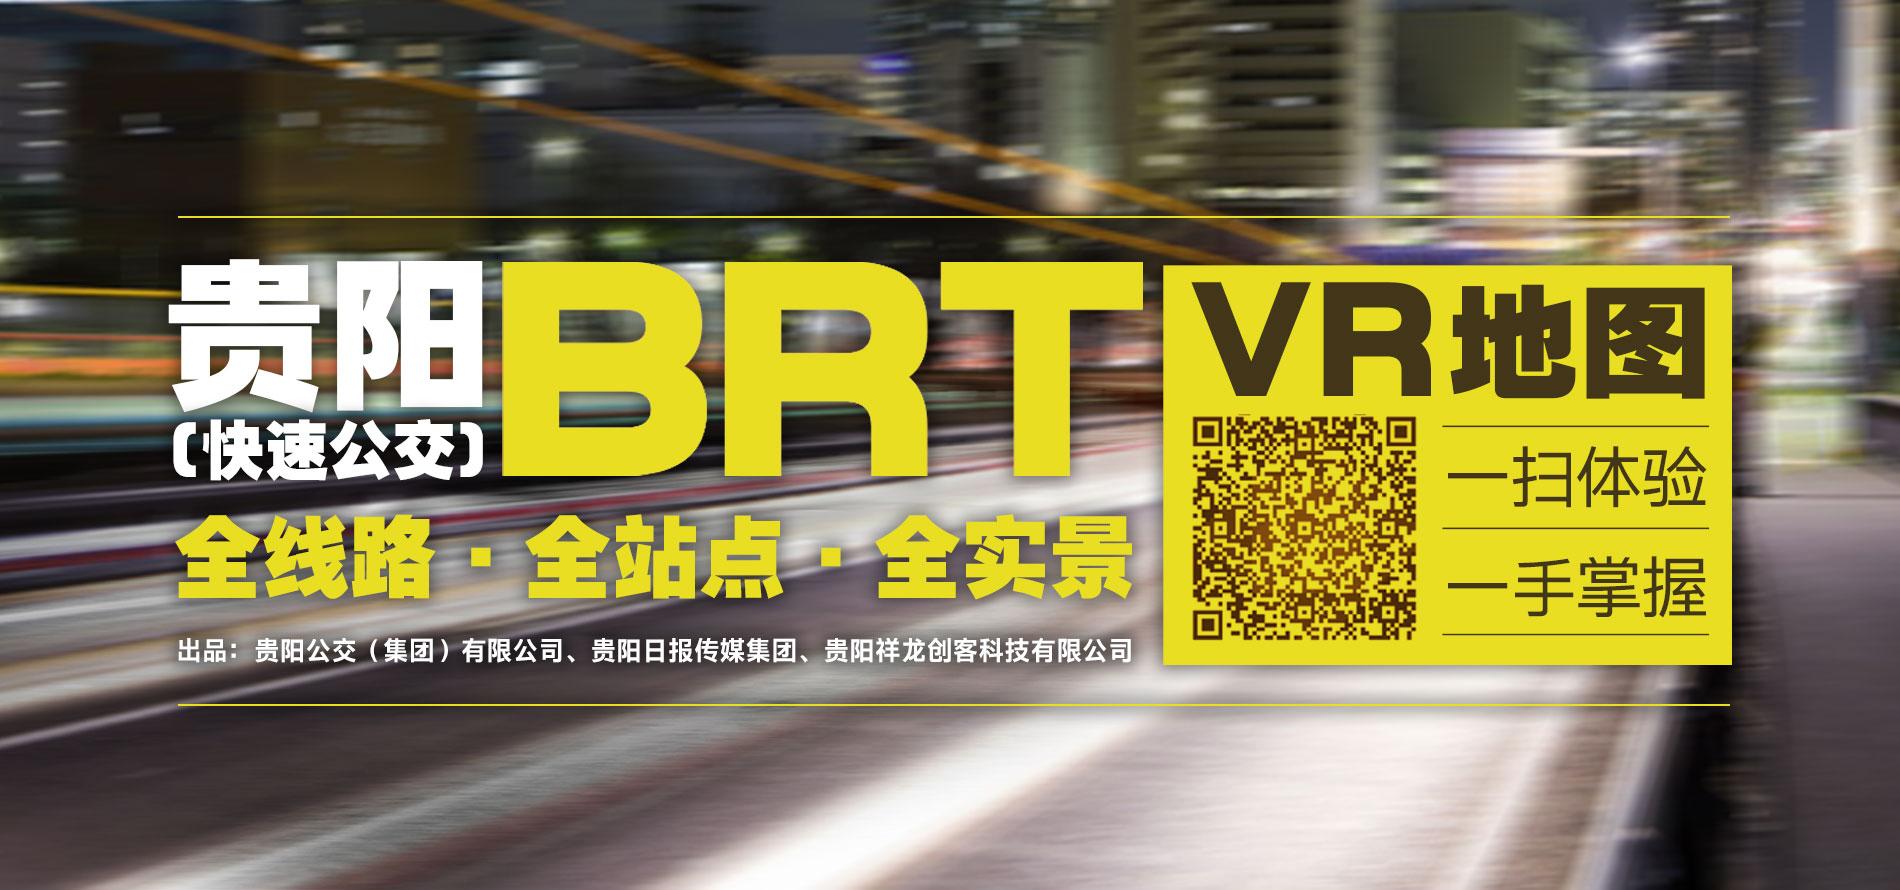 """贵阳晚报头版头条对我公司制作的""""贵阳BRT""""全景VR地图进行报道"""